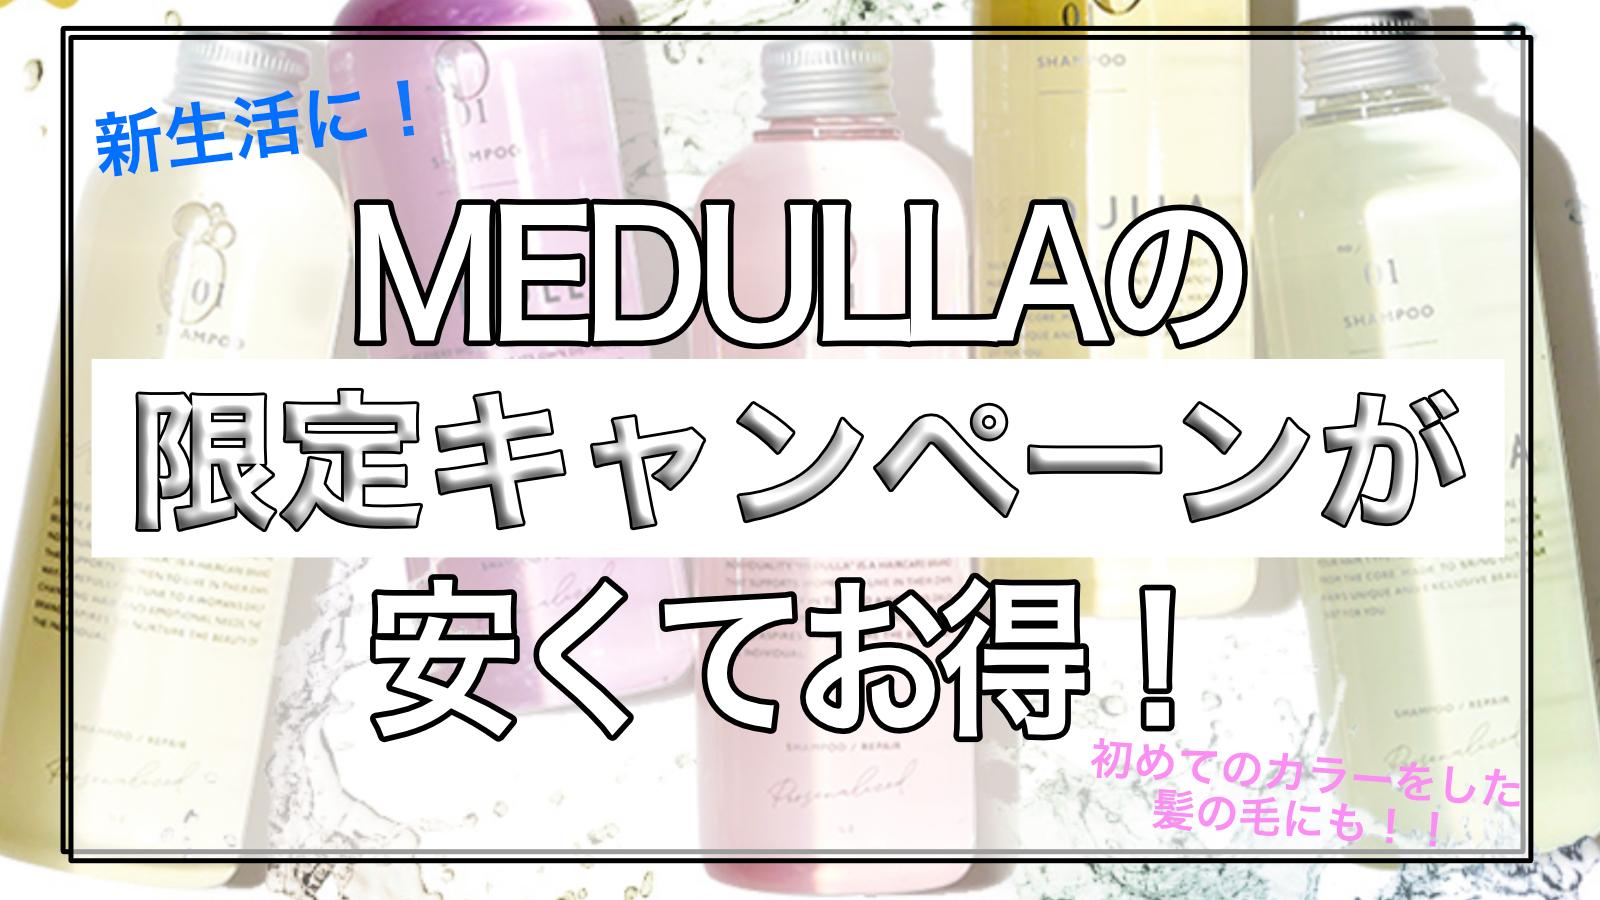 【新生活、初カラーの方にもオススメ!】オーダーメイドシャンプーMEDULLA(メデュラ)のキャンペーンが安くてお得!価格、期間、特典、Eni限定コードなど